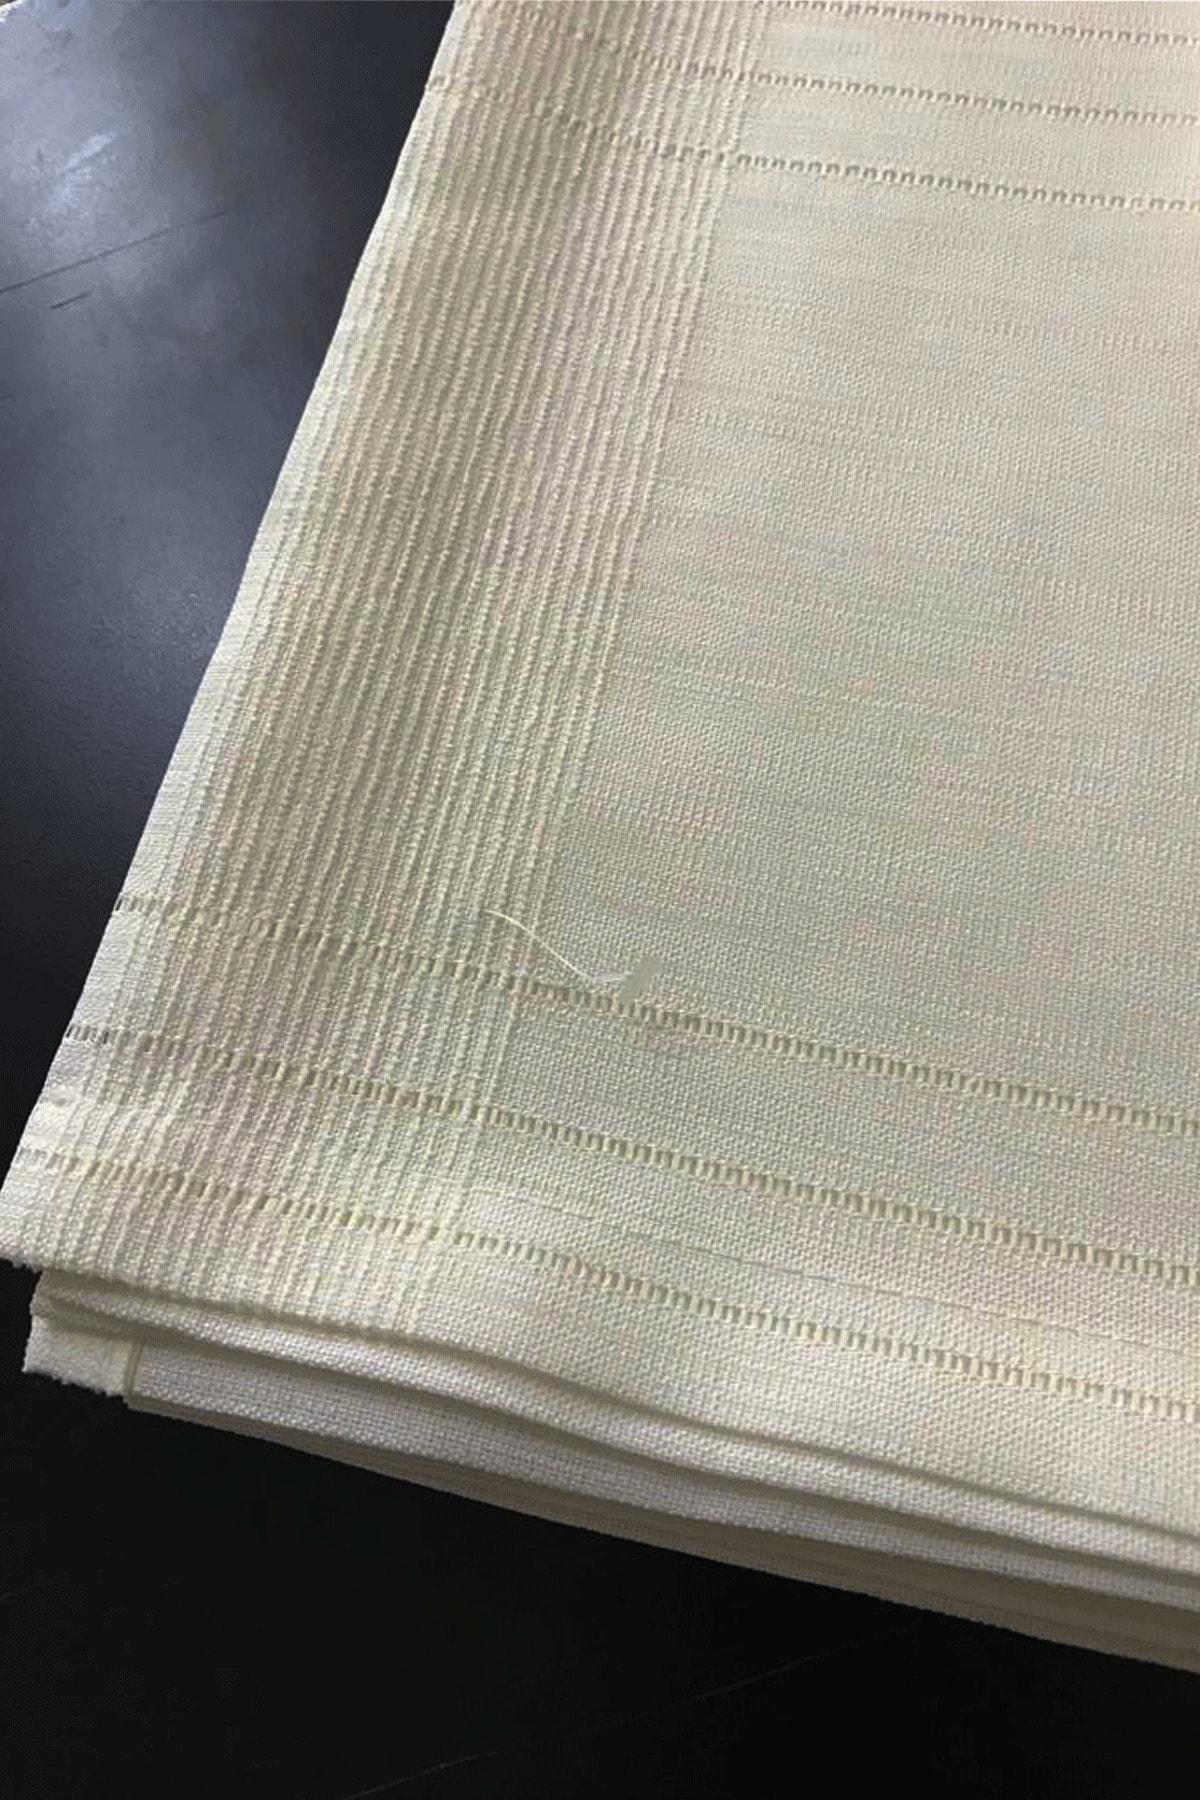 erciyesceyiz Beyaz Myslife Ham Keten Kumaş Çizgili Masa Örtüsü 160*220 cm 950 gr Ağırlıklı